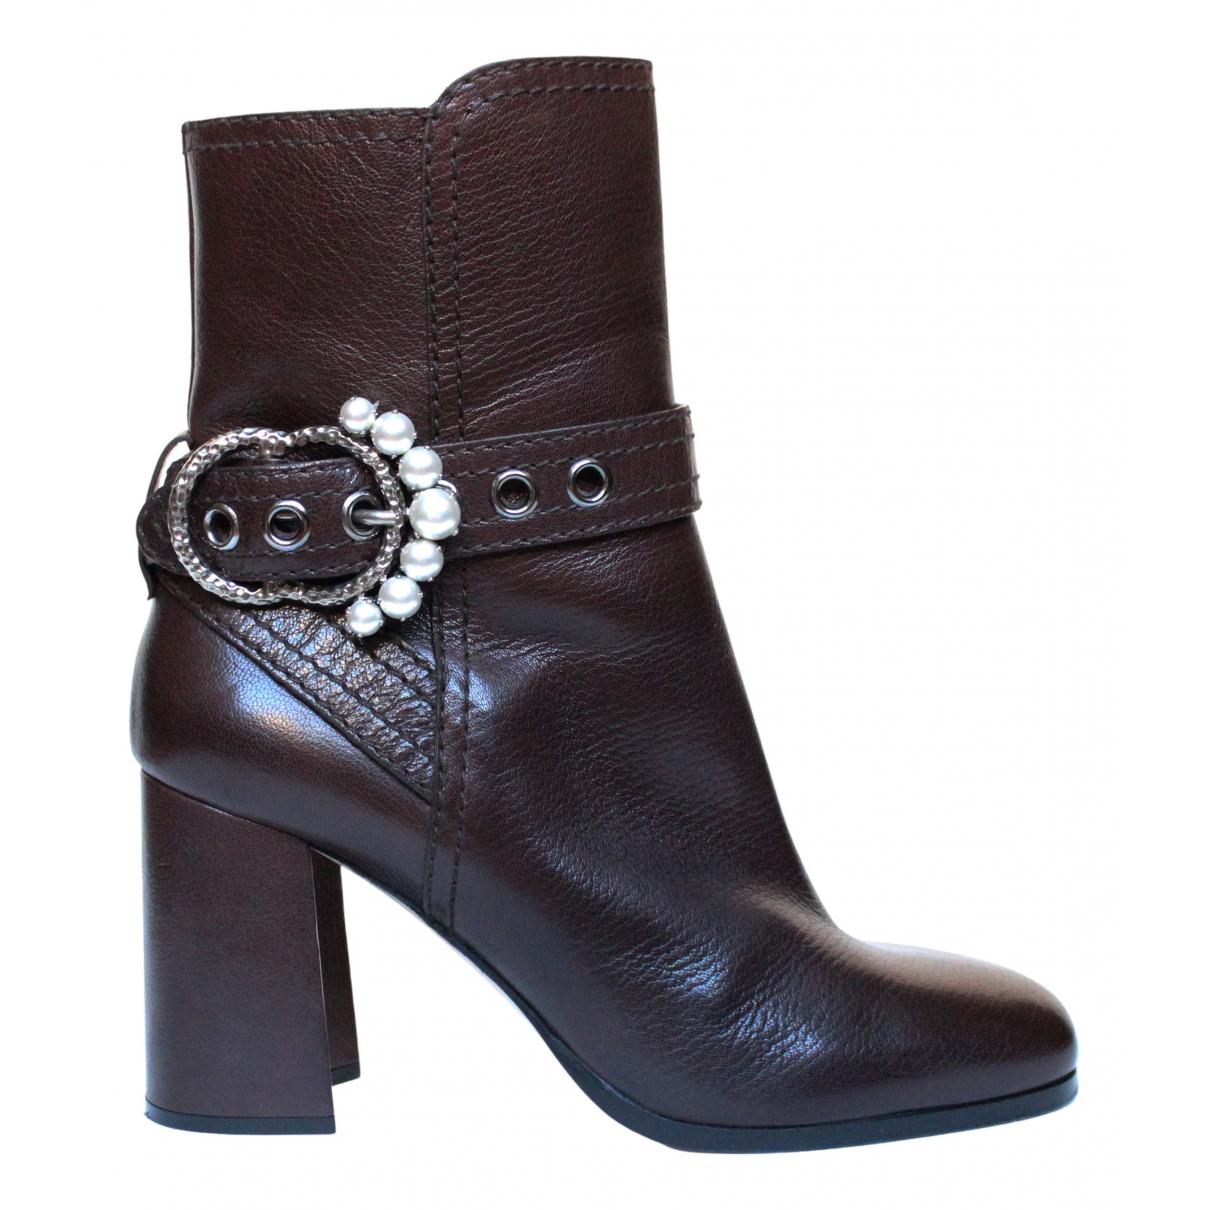 Miu Miu - Boots   pour femme en cuir - marron